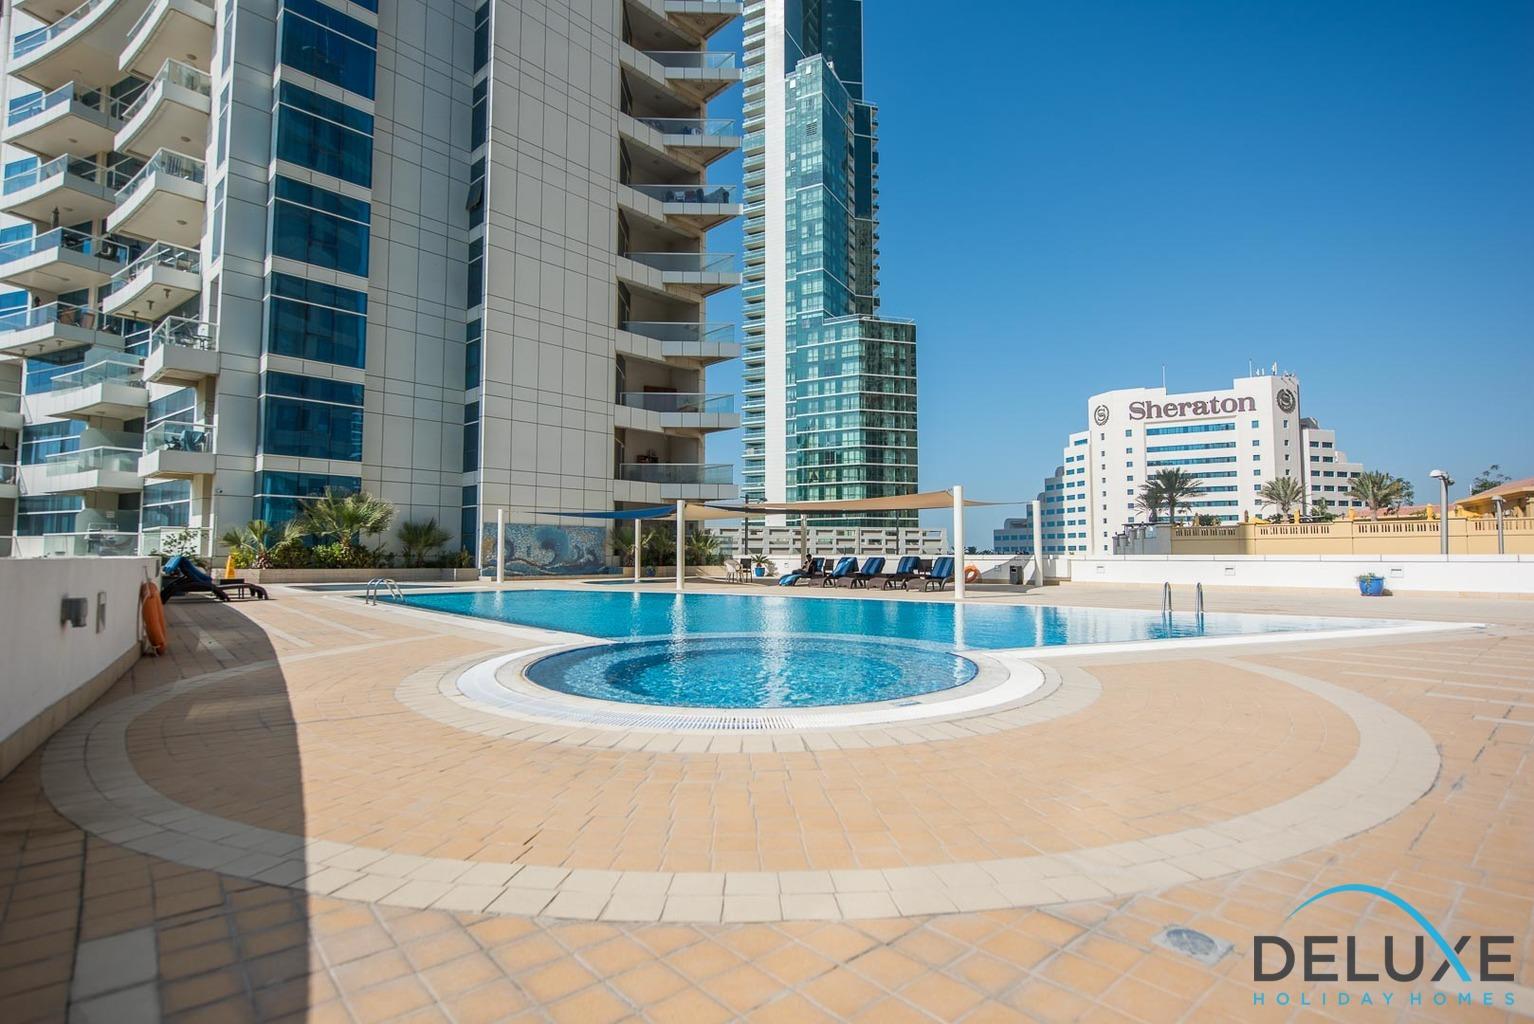 3 Bedroom In Dorra Bay Dubai Marina Deluxe Holiday Homes